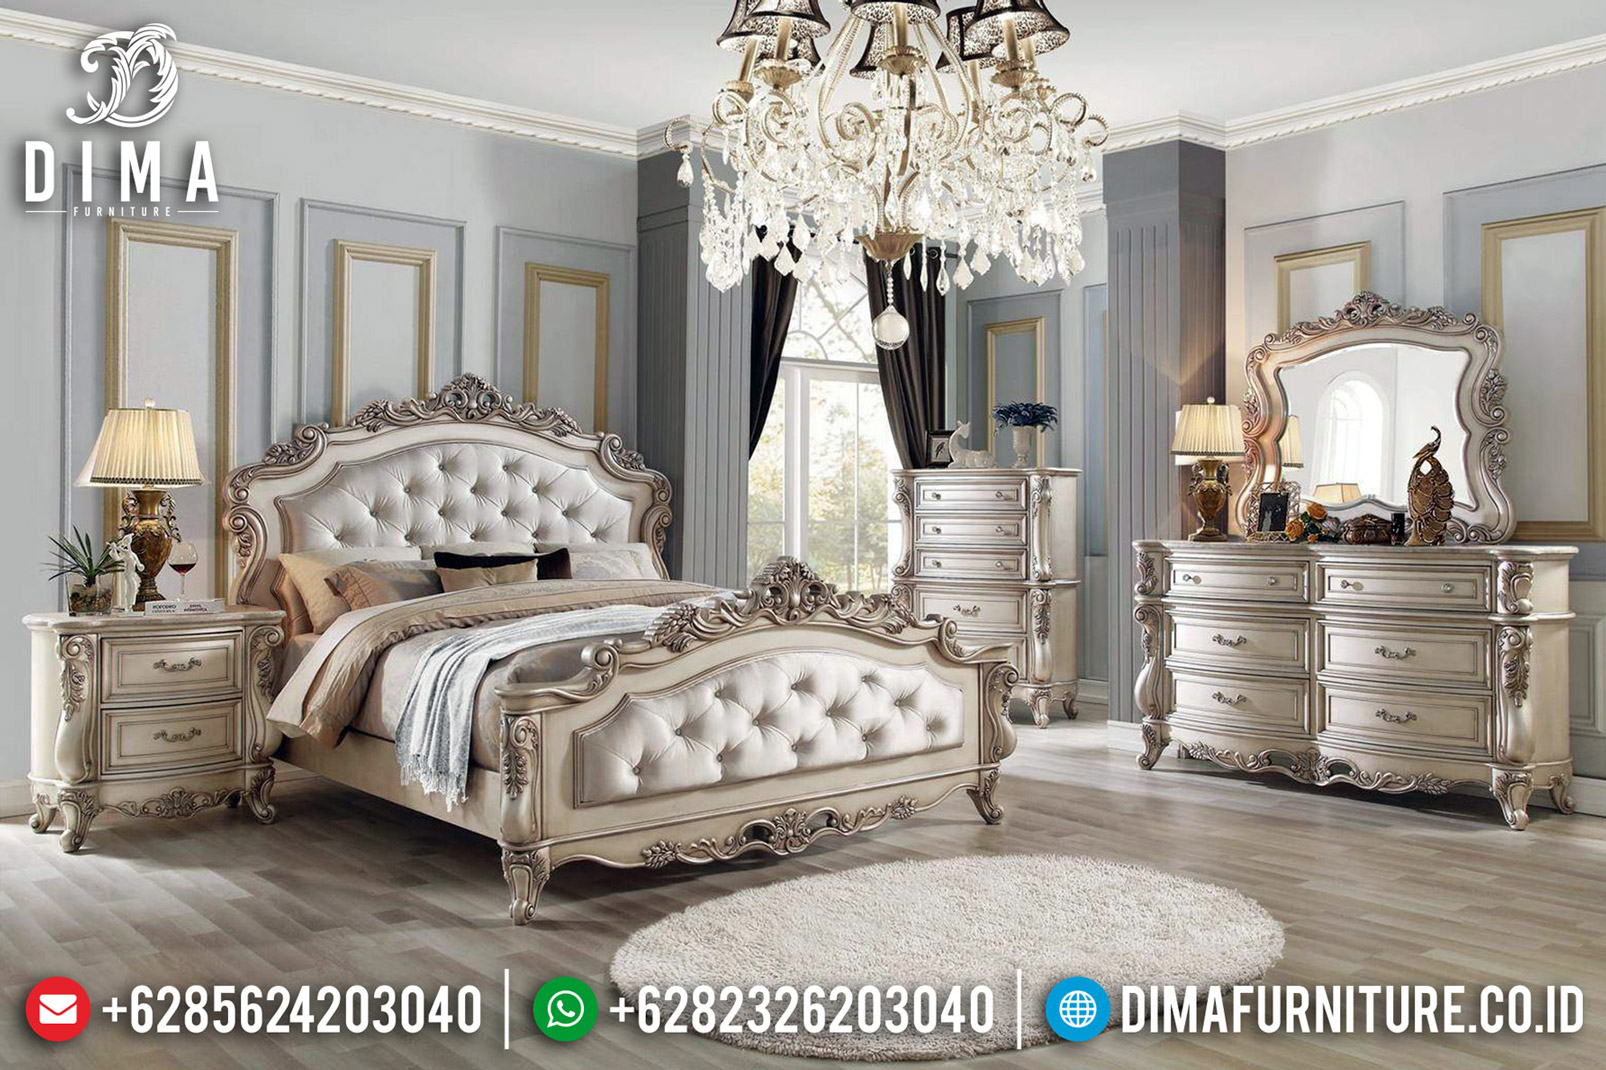 Jual Kamar Set Mewah Ukiran Classic White Ivory Furniture Jepara BT-0559